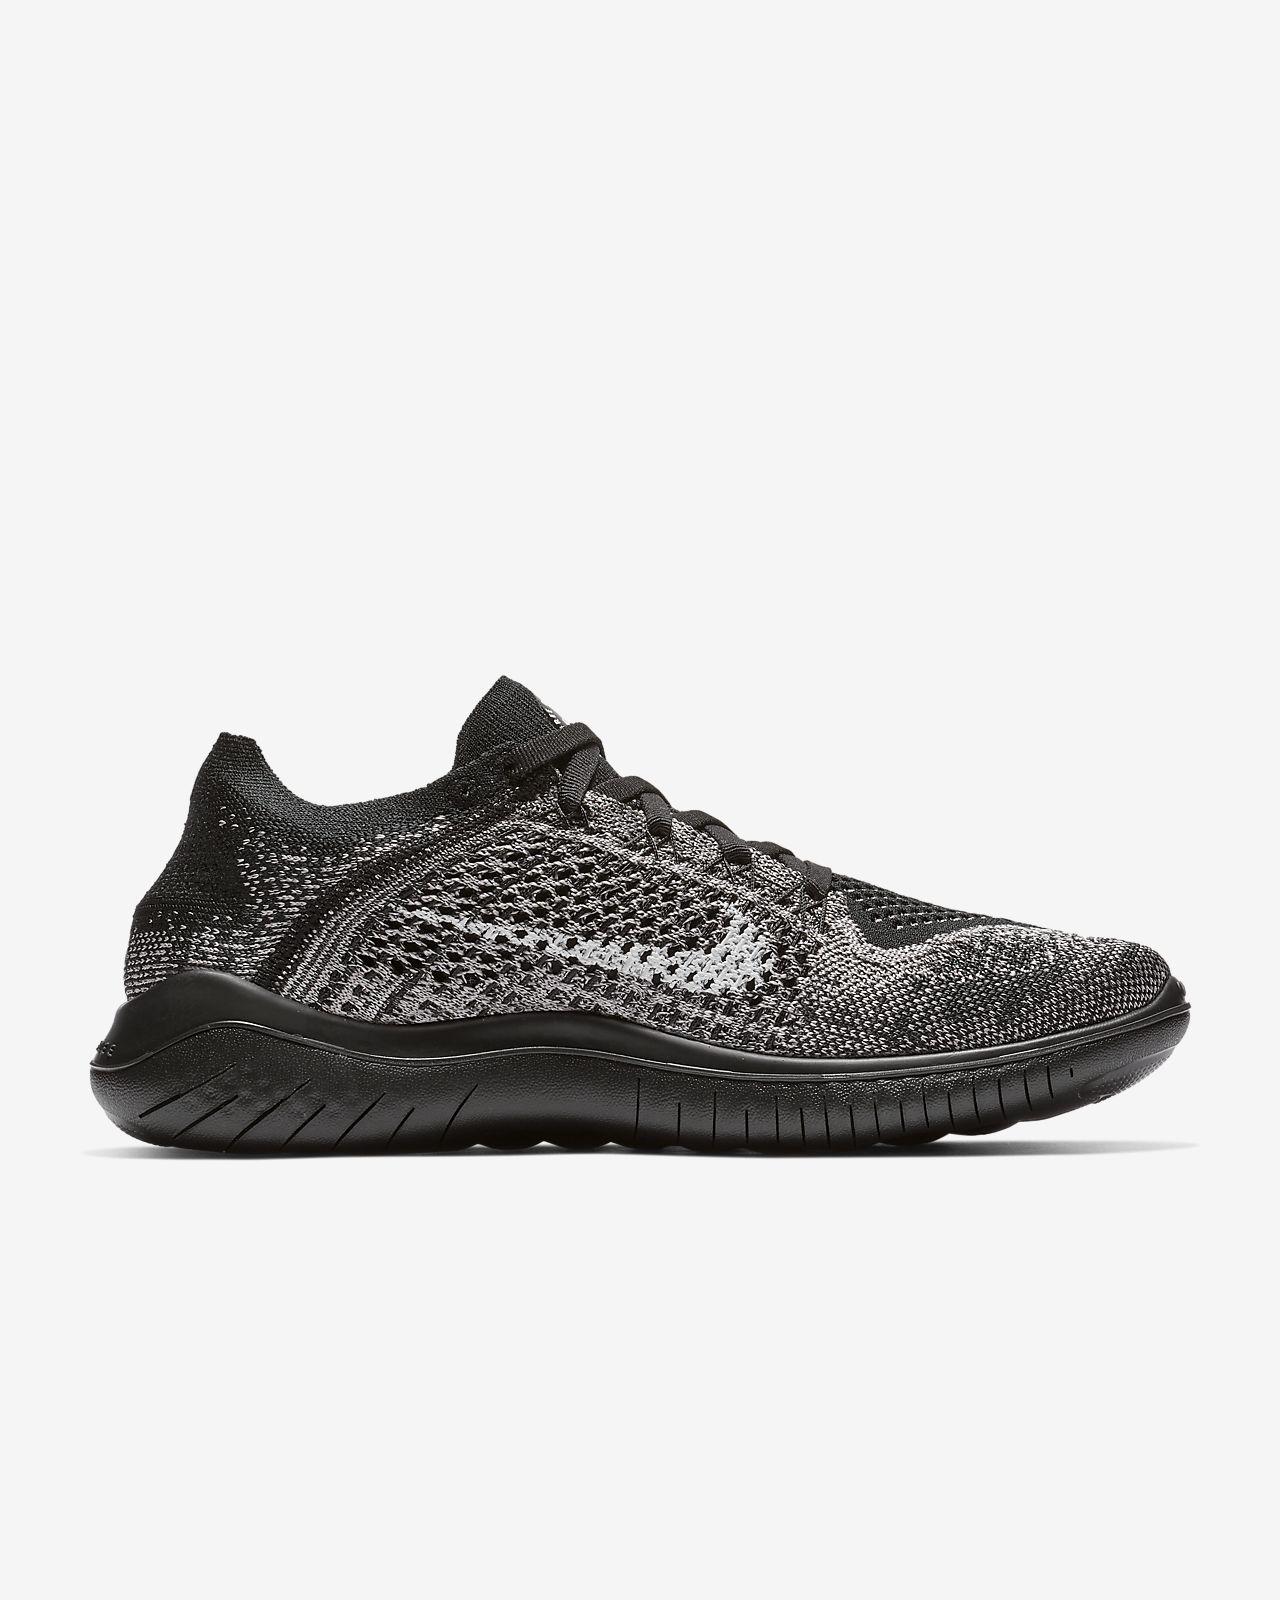 best service 90c46 2b976 ... Nike Free RN Flyknit 2018 Women s Running Shoe